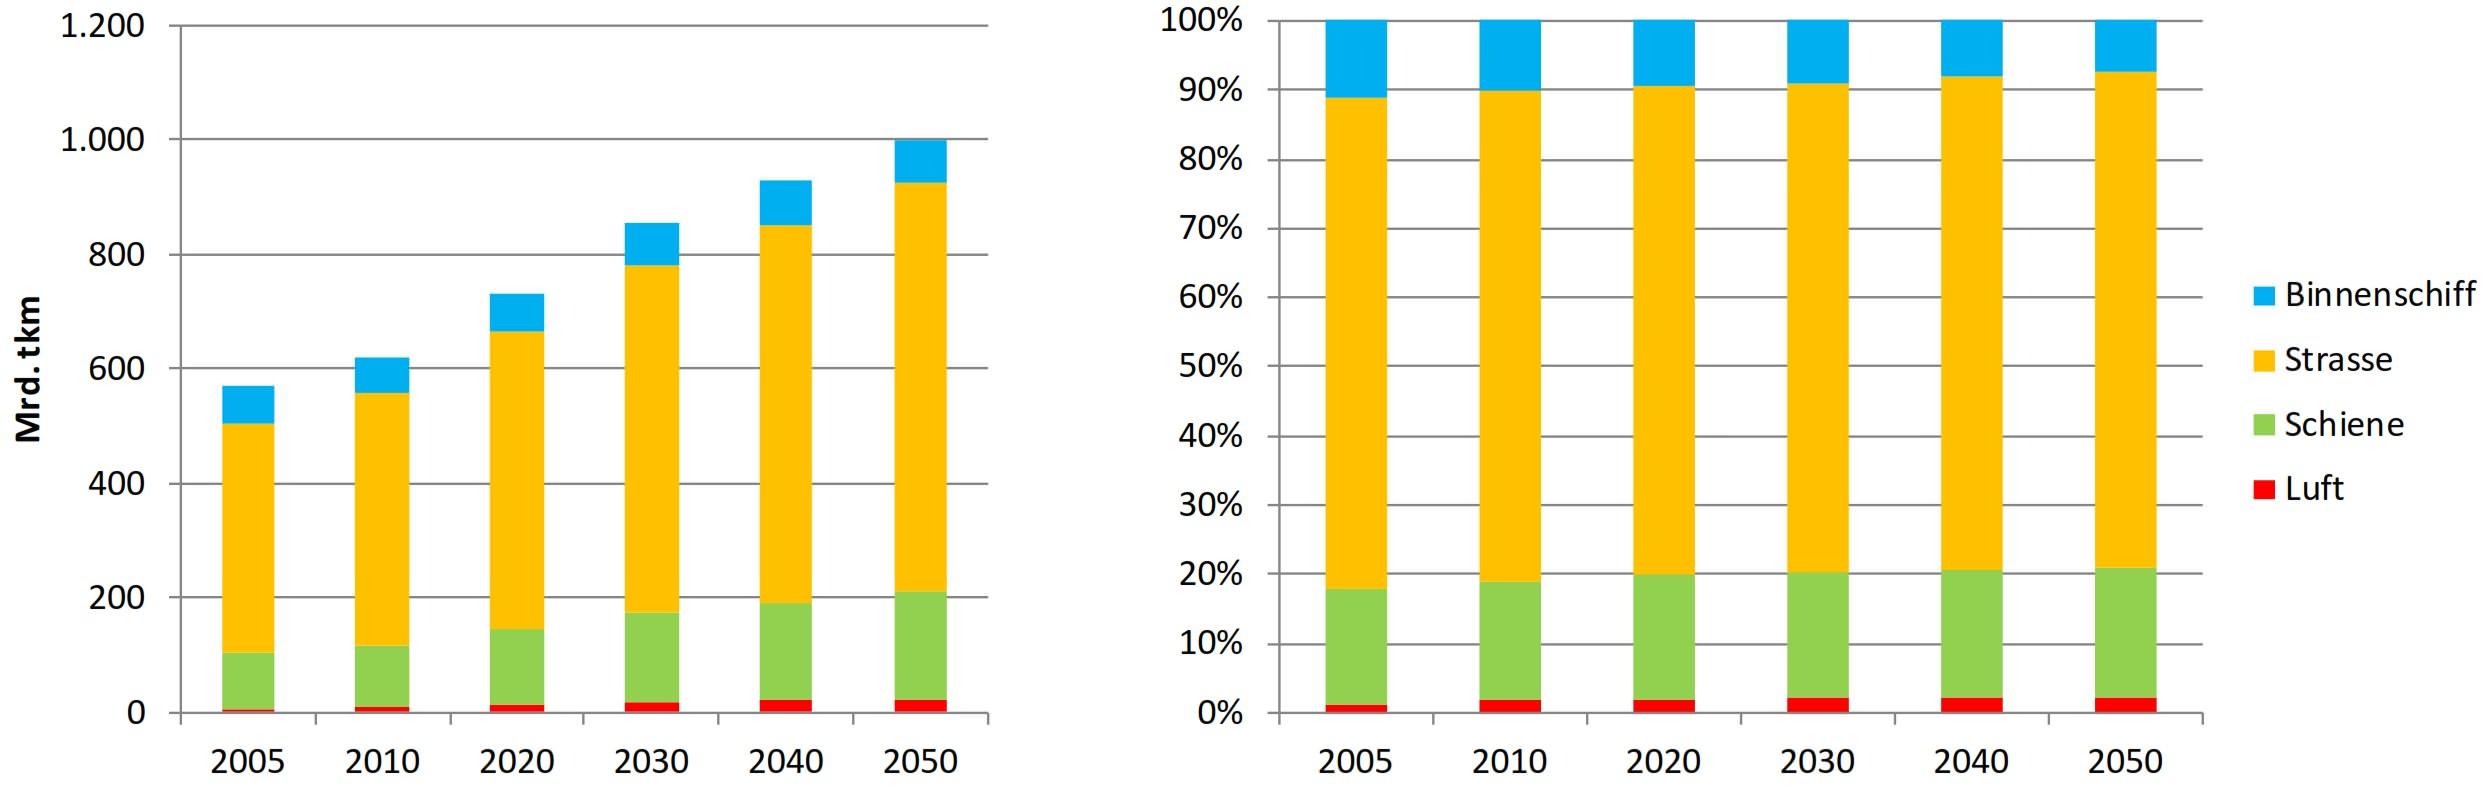 Güterverkehr Entwicklung Wachstum 2030 2050 2005 Klimaschutz Modal Split